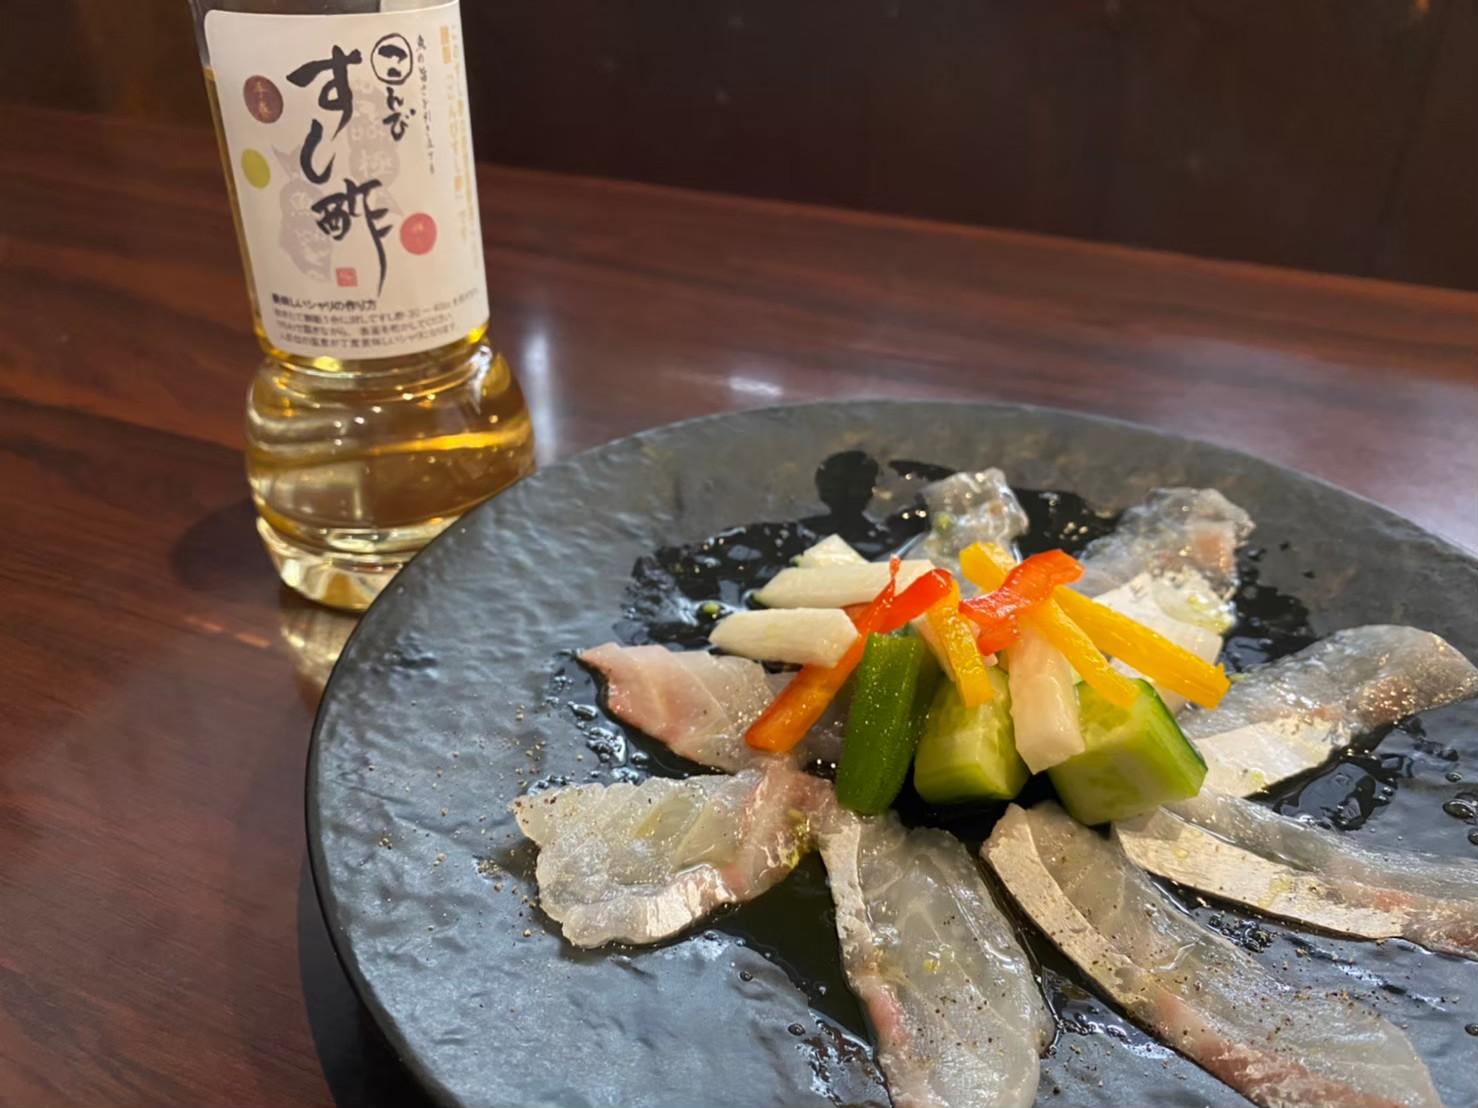 【動画でレシピ紹介!】こんびすし酢で鯛と野菜のカルパッチョ☆